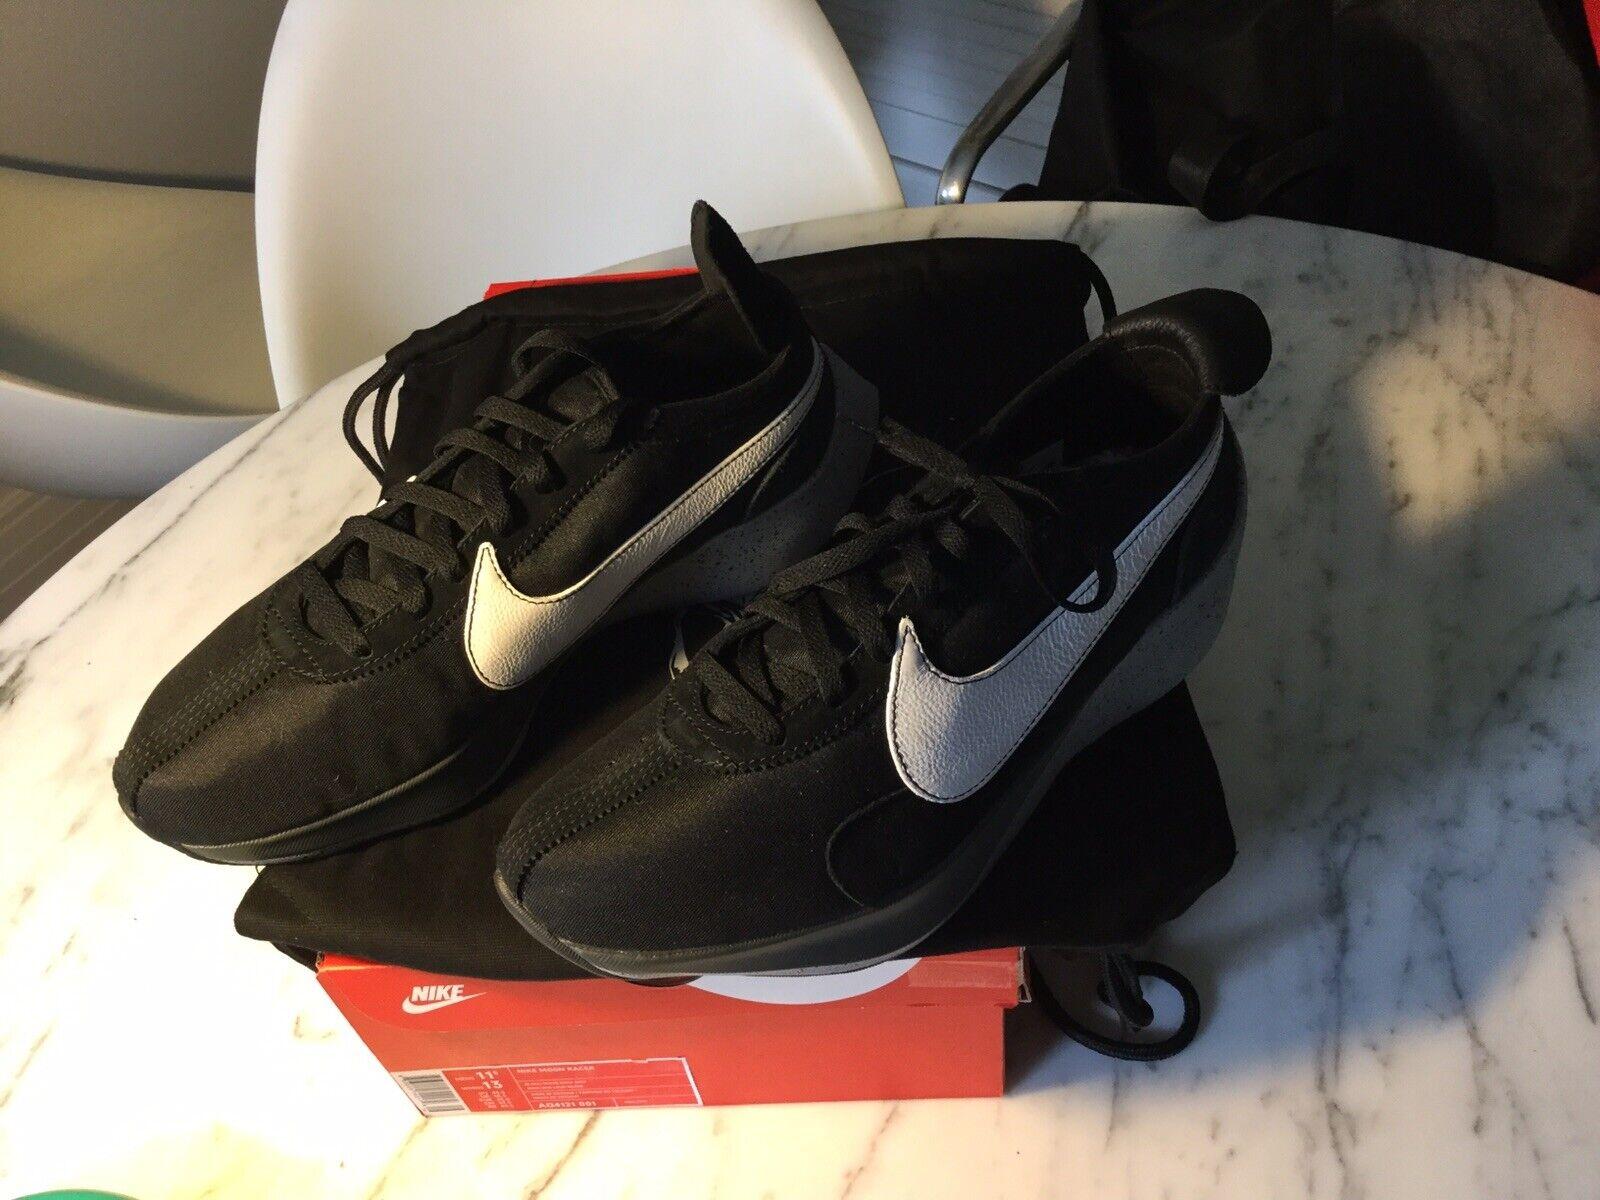 Nike Moon Racer AQ 4121 001 Usa 11.5